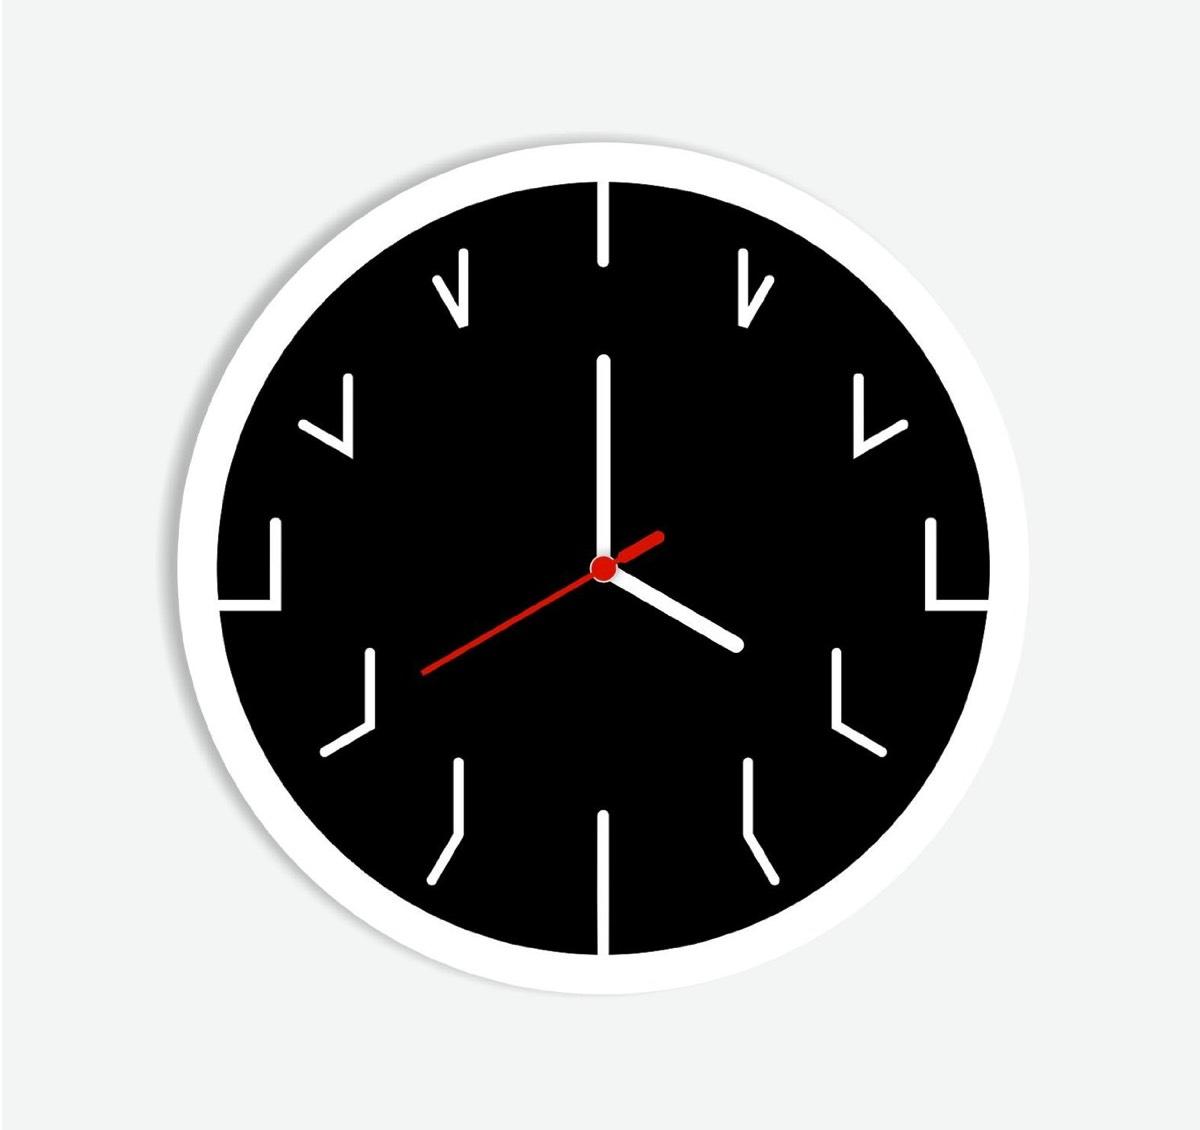 Creative Clock Design 1 Interior Design Ideas